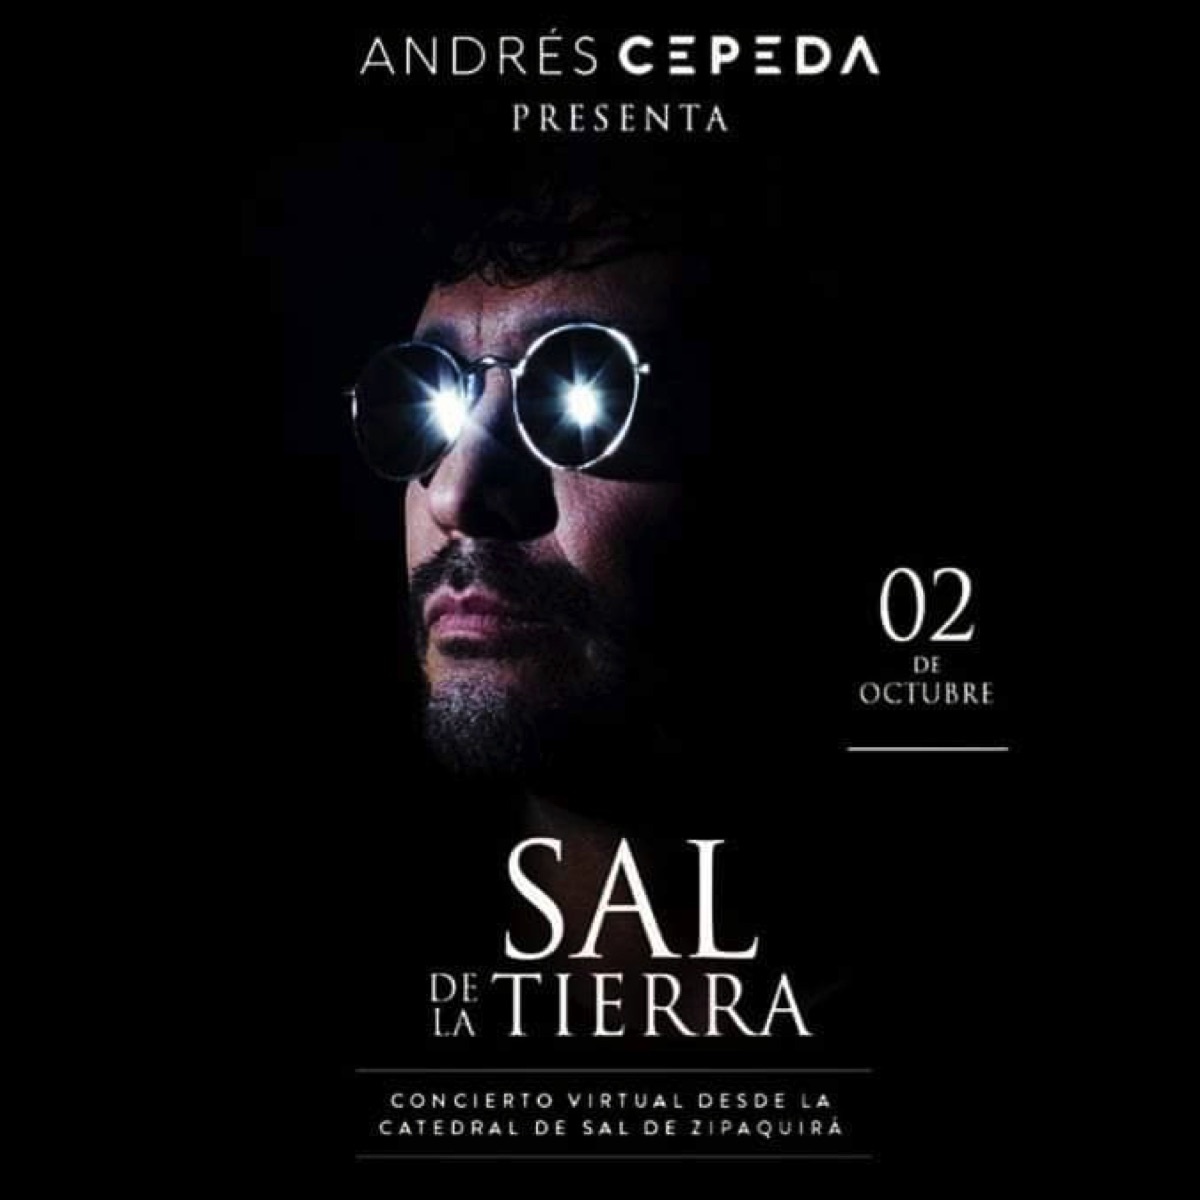 """""""SAL DE LA TIERRA"""" El nuevo proyecto de Andrés Cepeda. Póster oficial del evento - Archivo particular."""